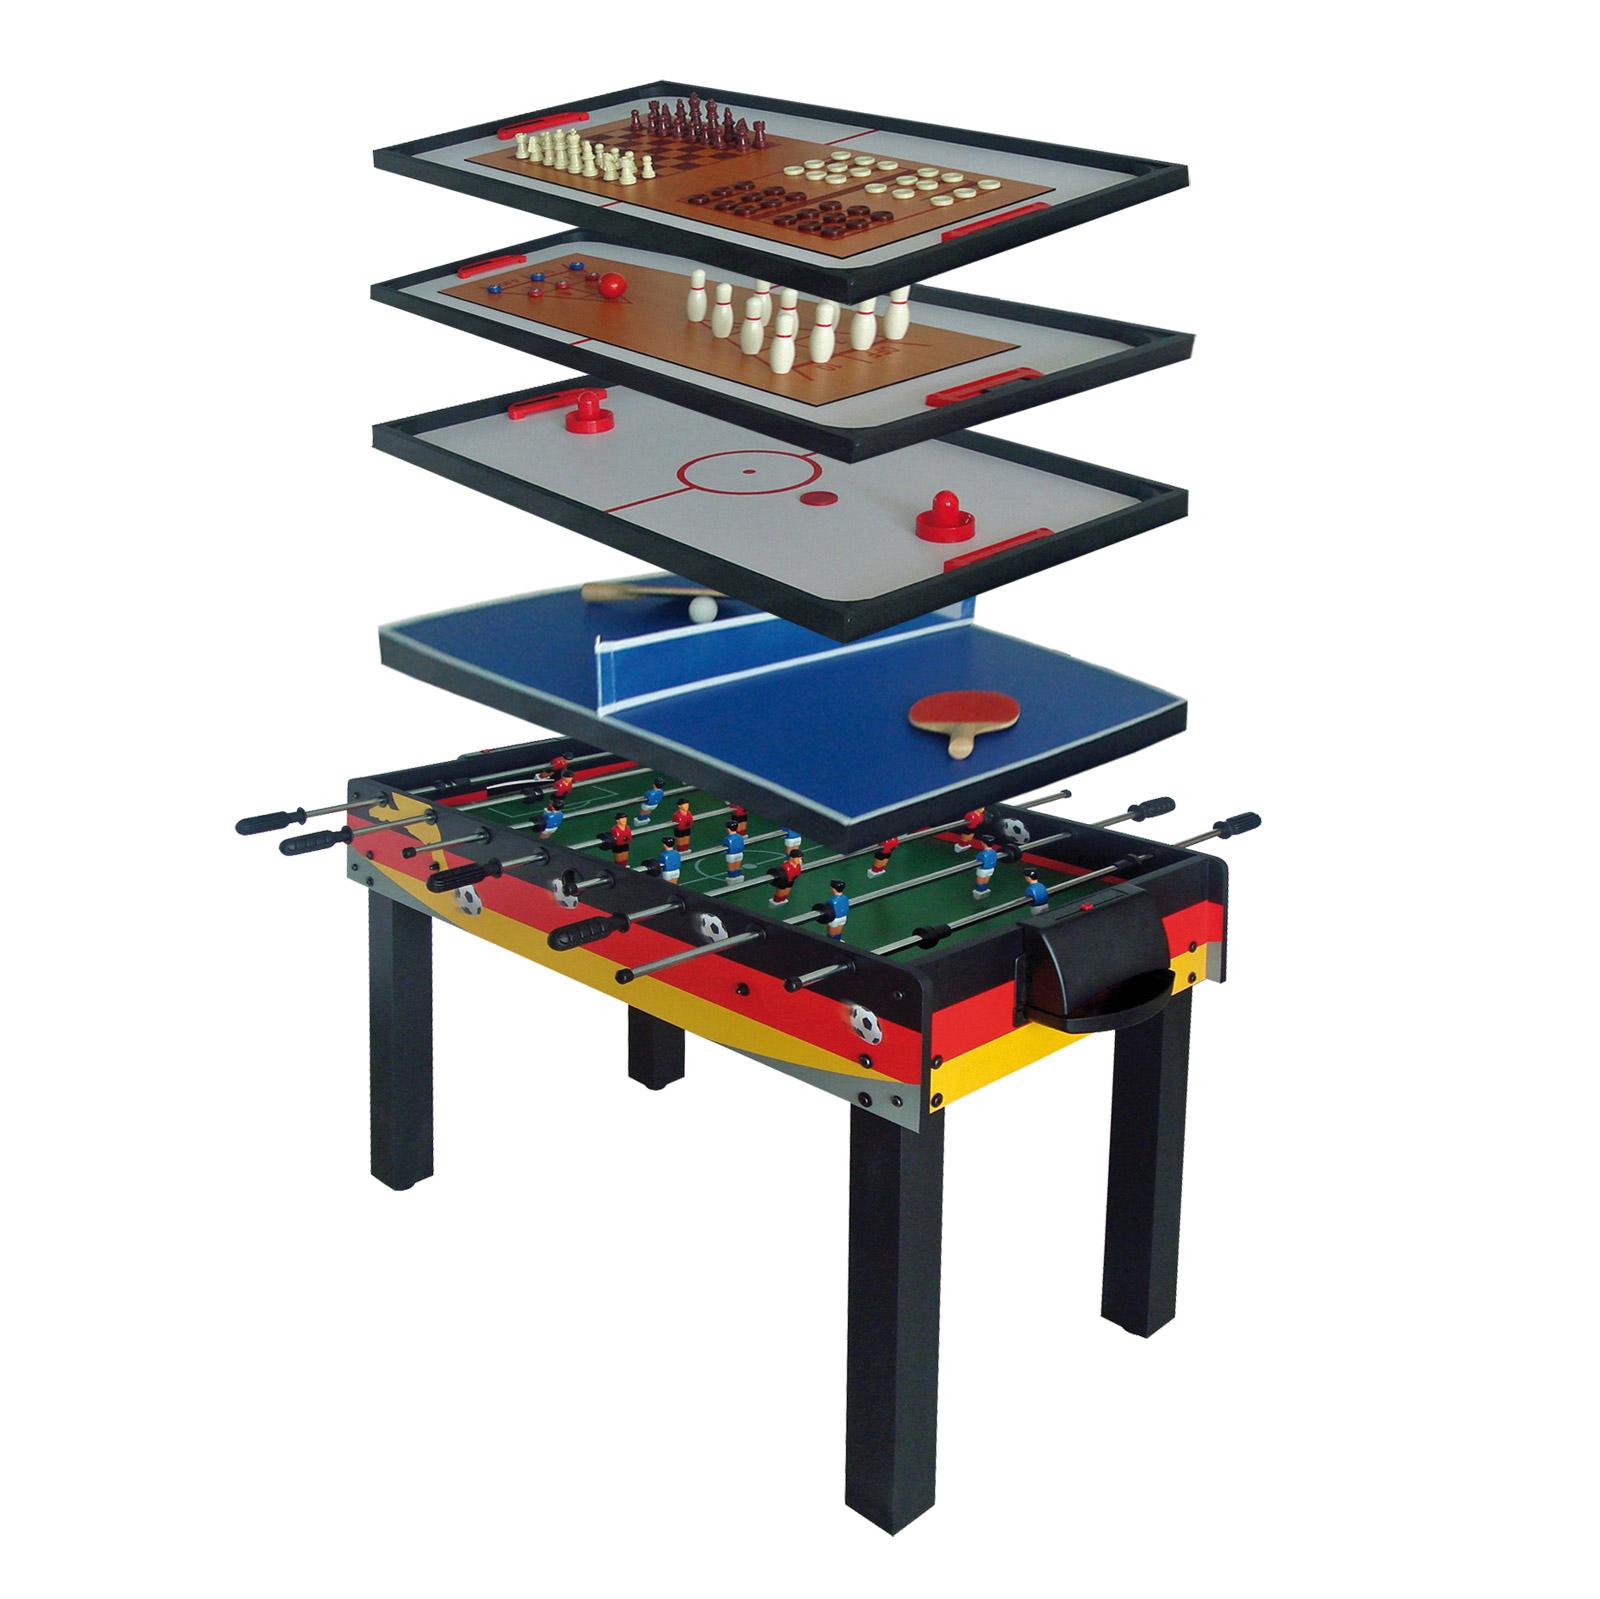 Tischfussball-7-in-1-Spieletisch-Multigame-Kicker-70092